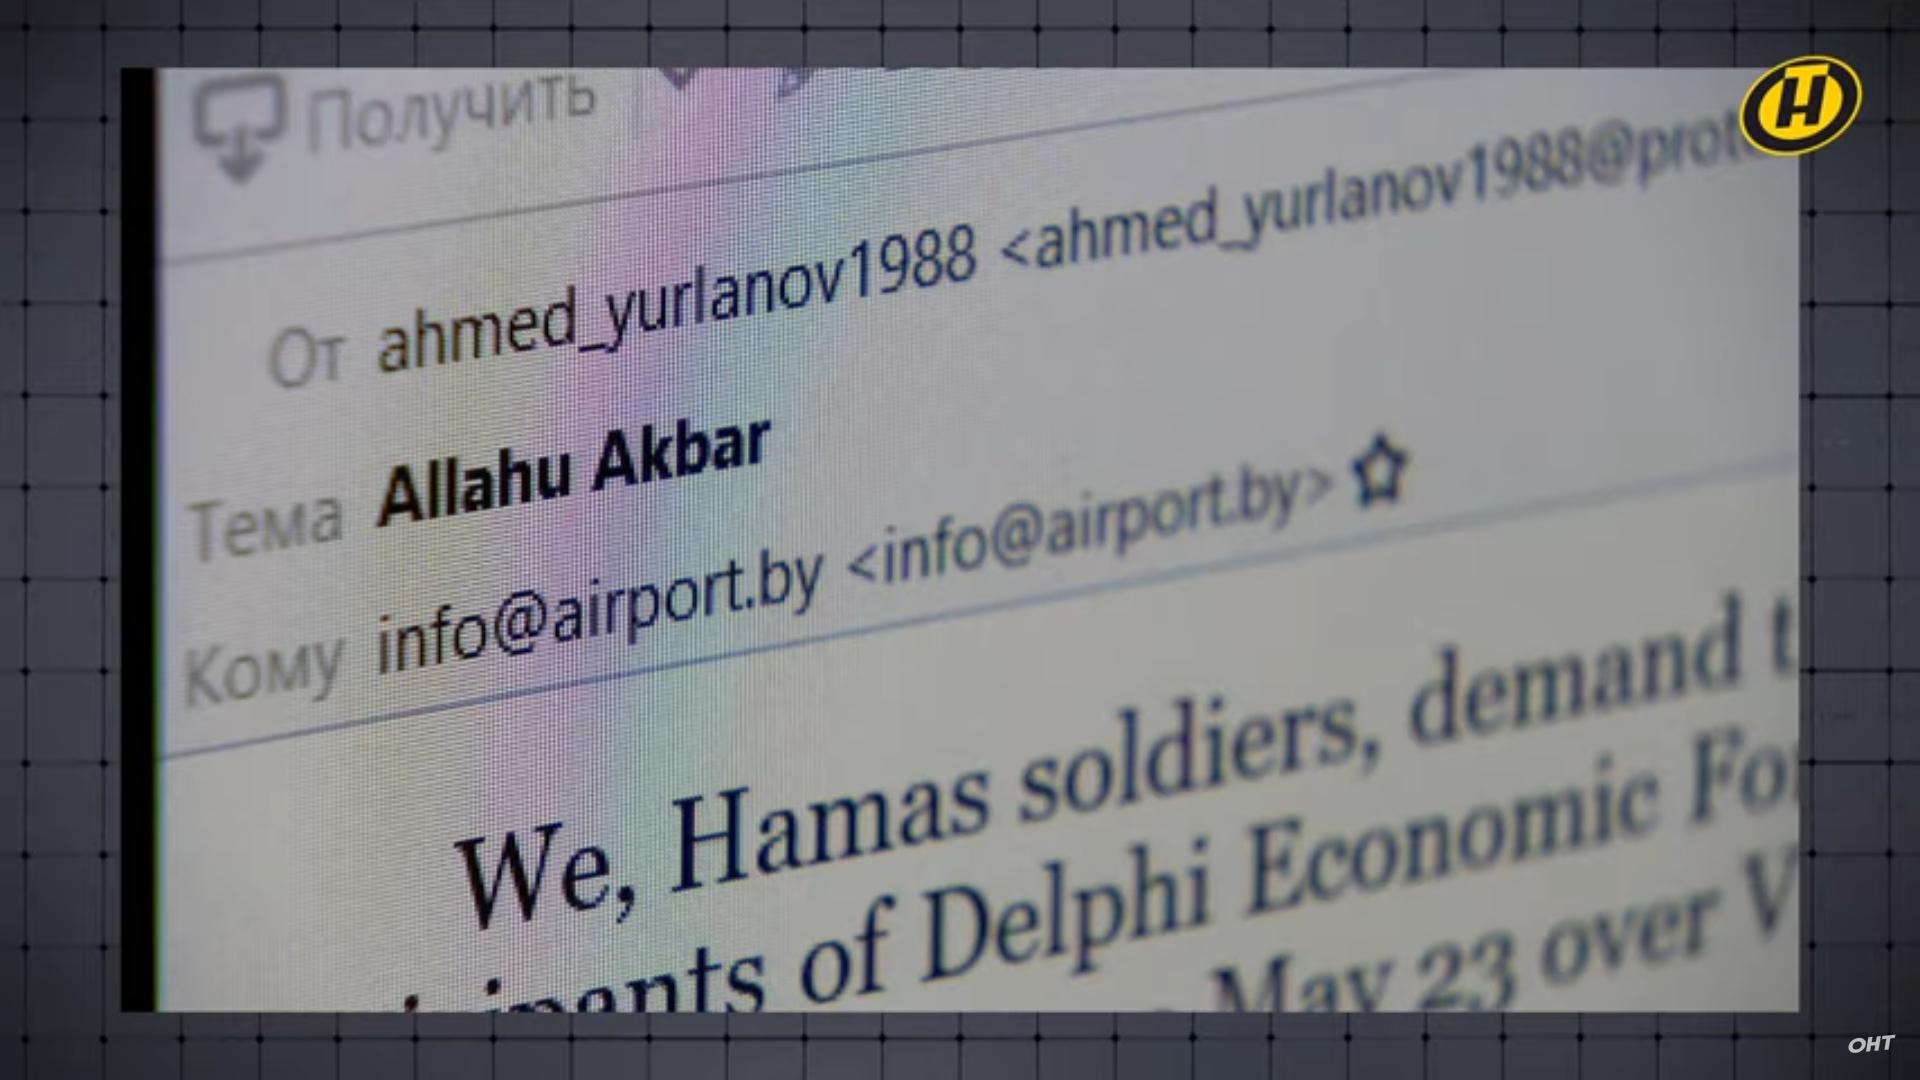 Capture d'écran de l'e-mail d'alerte à la bombe reçu à 12 h 25